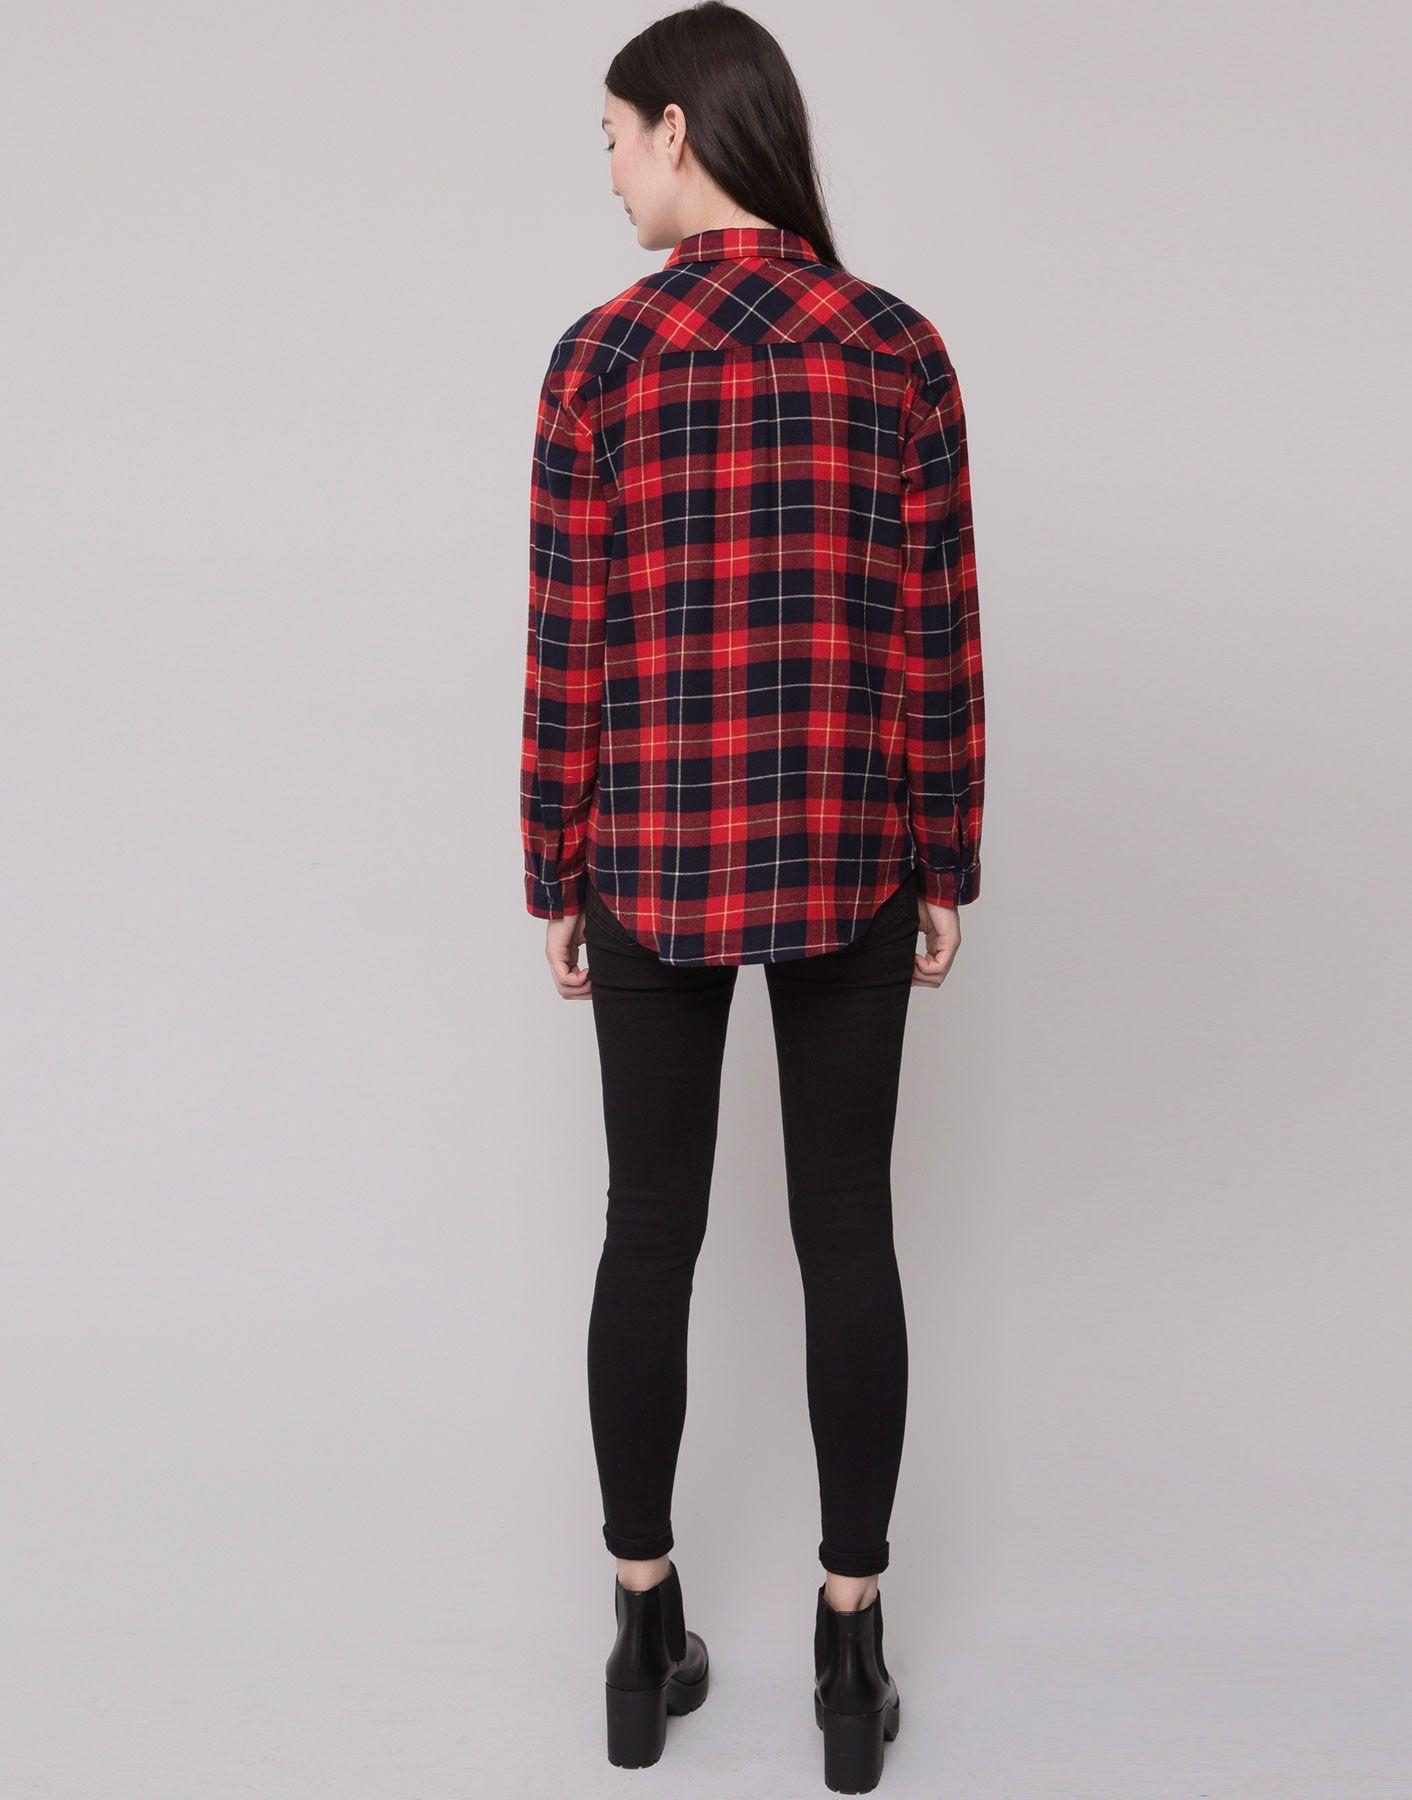 http://www.pullandbear.com/nl/nl/dames/blouses-en-hemden/basic-blouse-met-ruitenprint-c29019p6037234.html